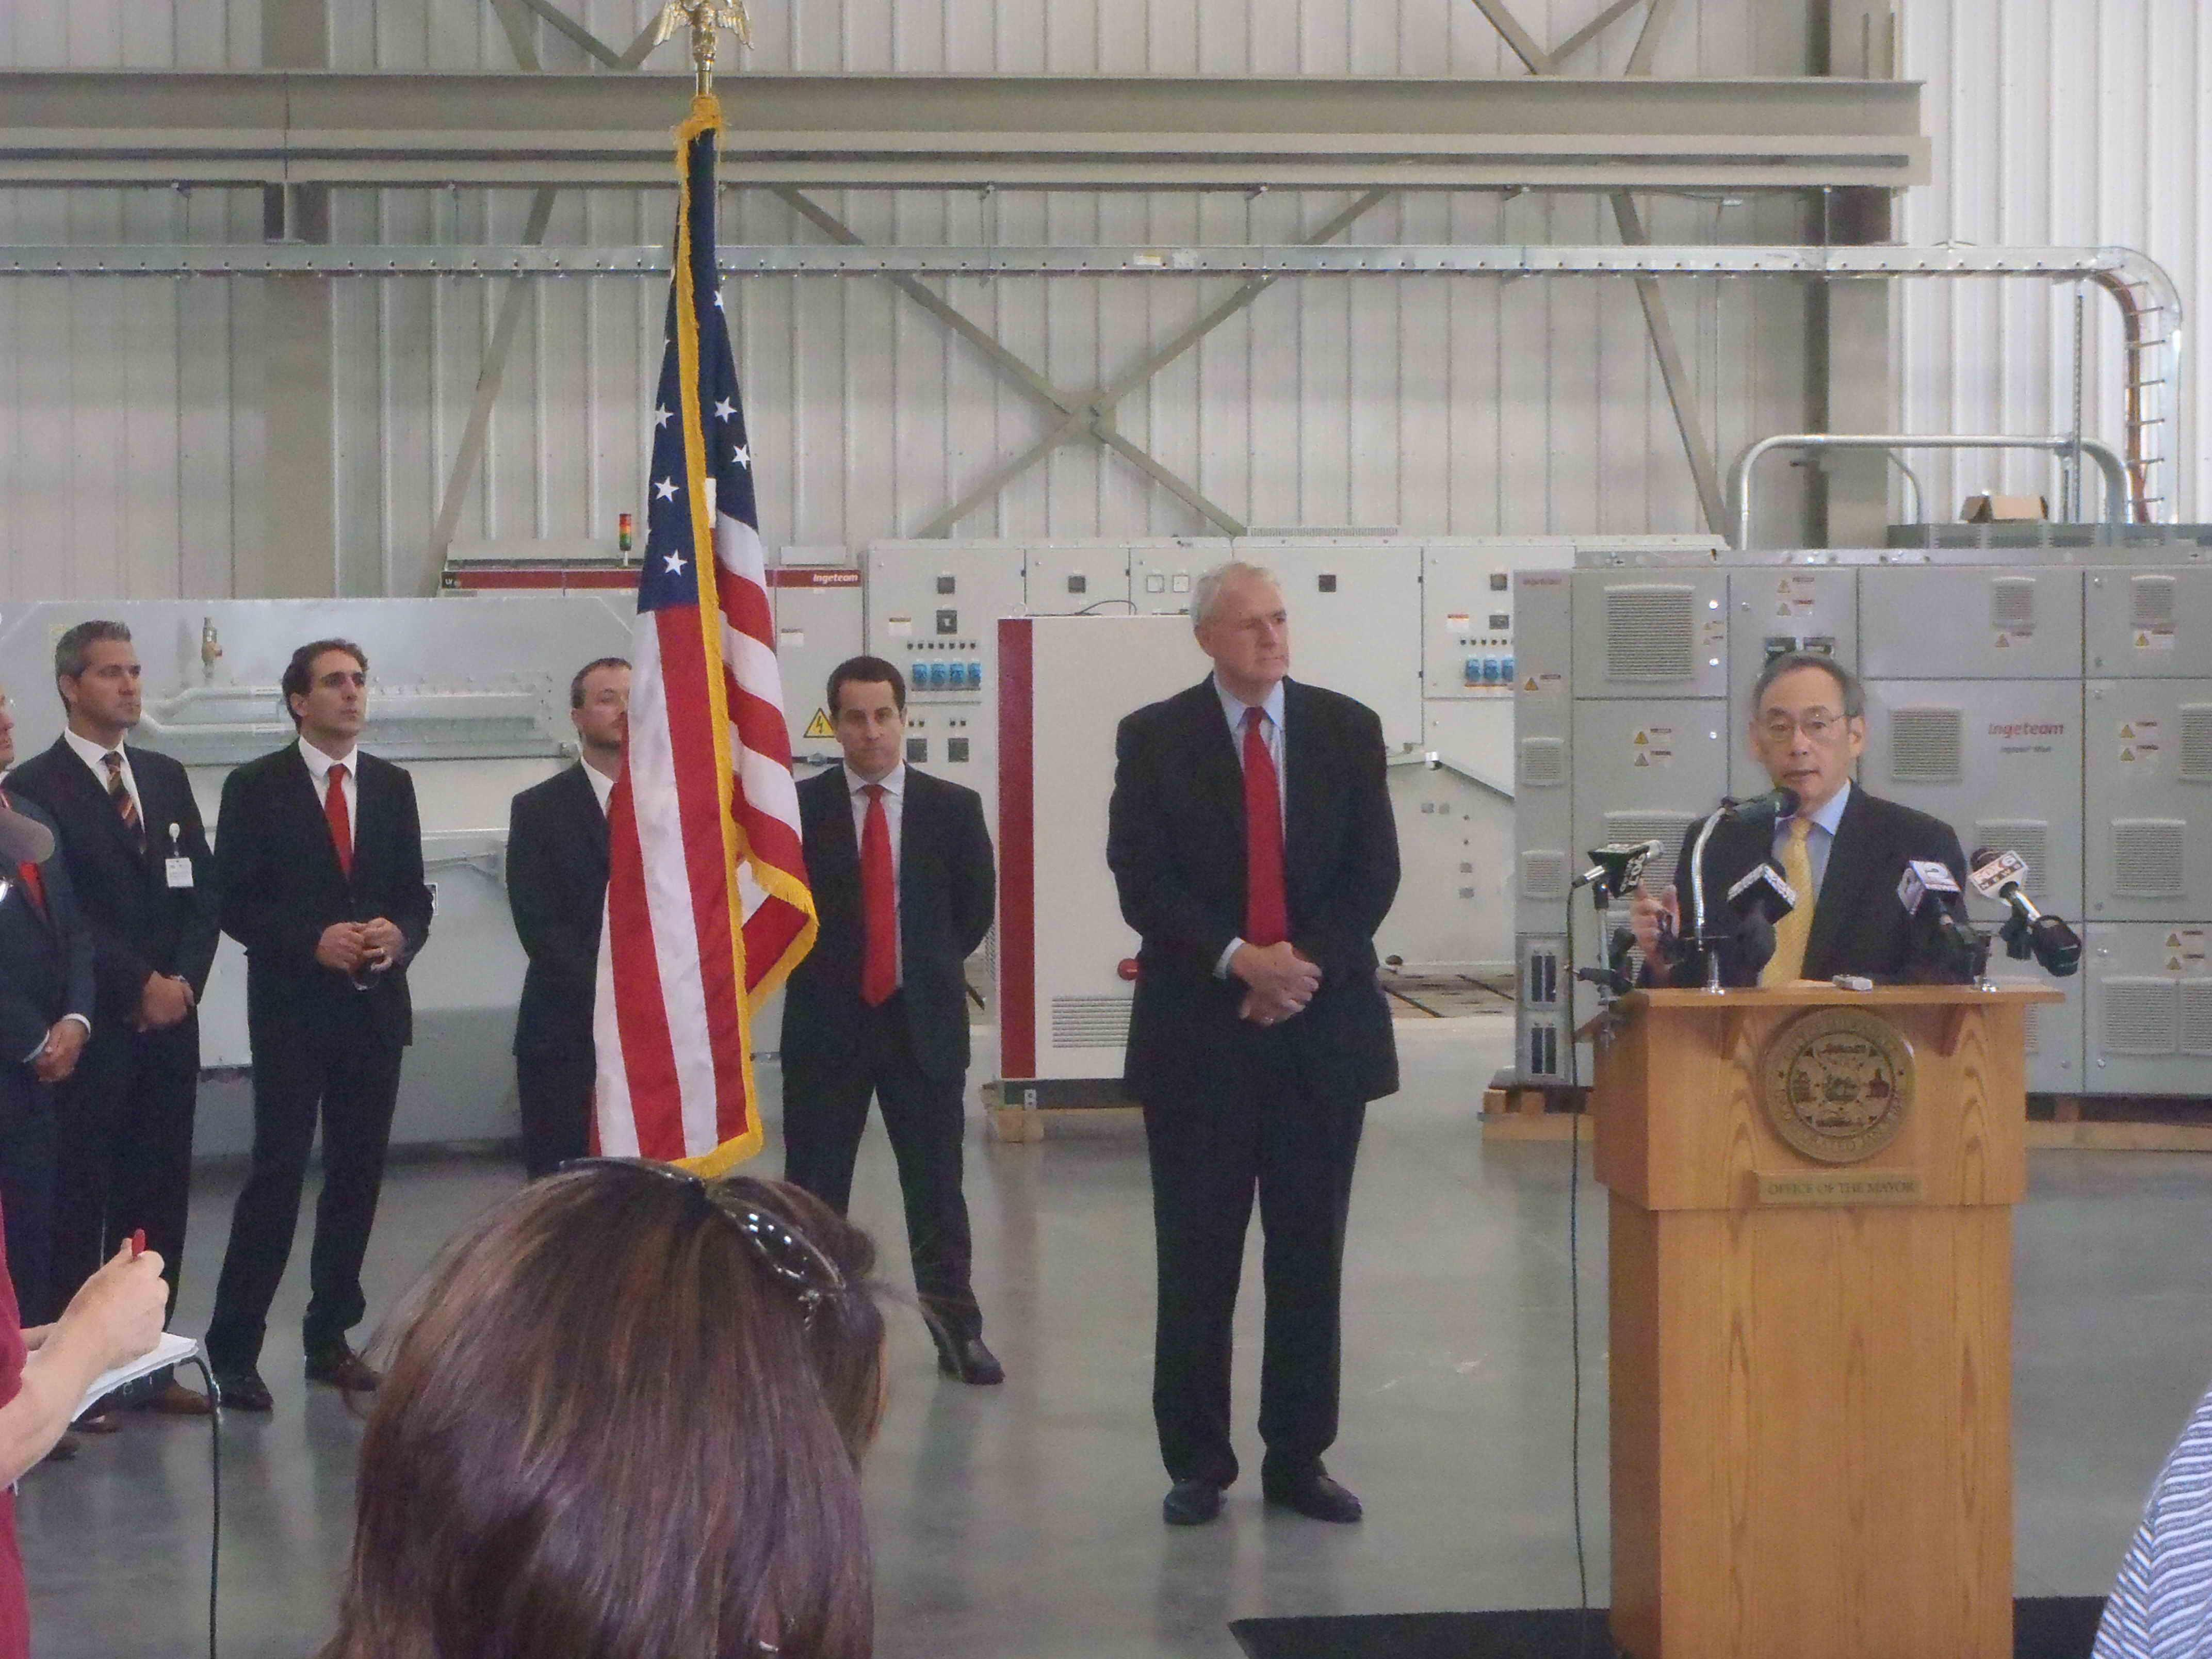 Eólica: El Secretario de Energía de Estados Unidos visita las instalaciones de Ingeteam en Milwaukee